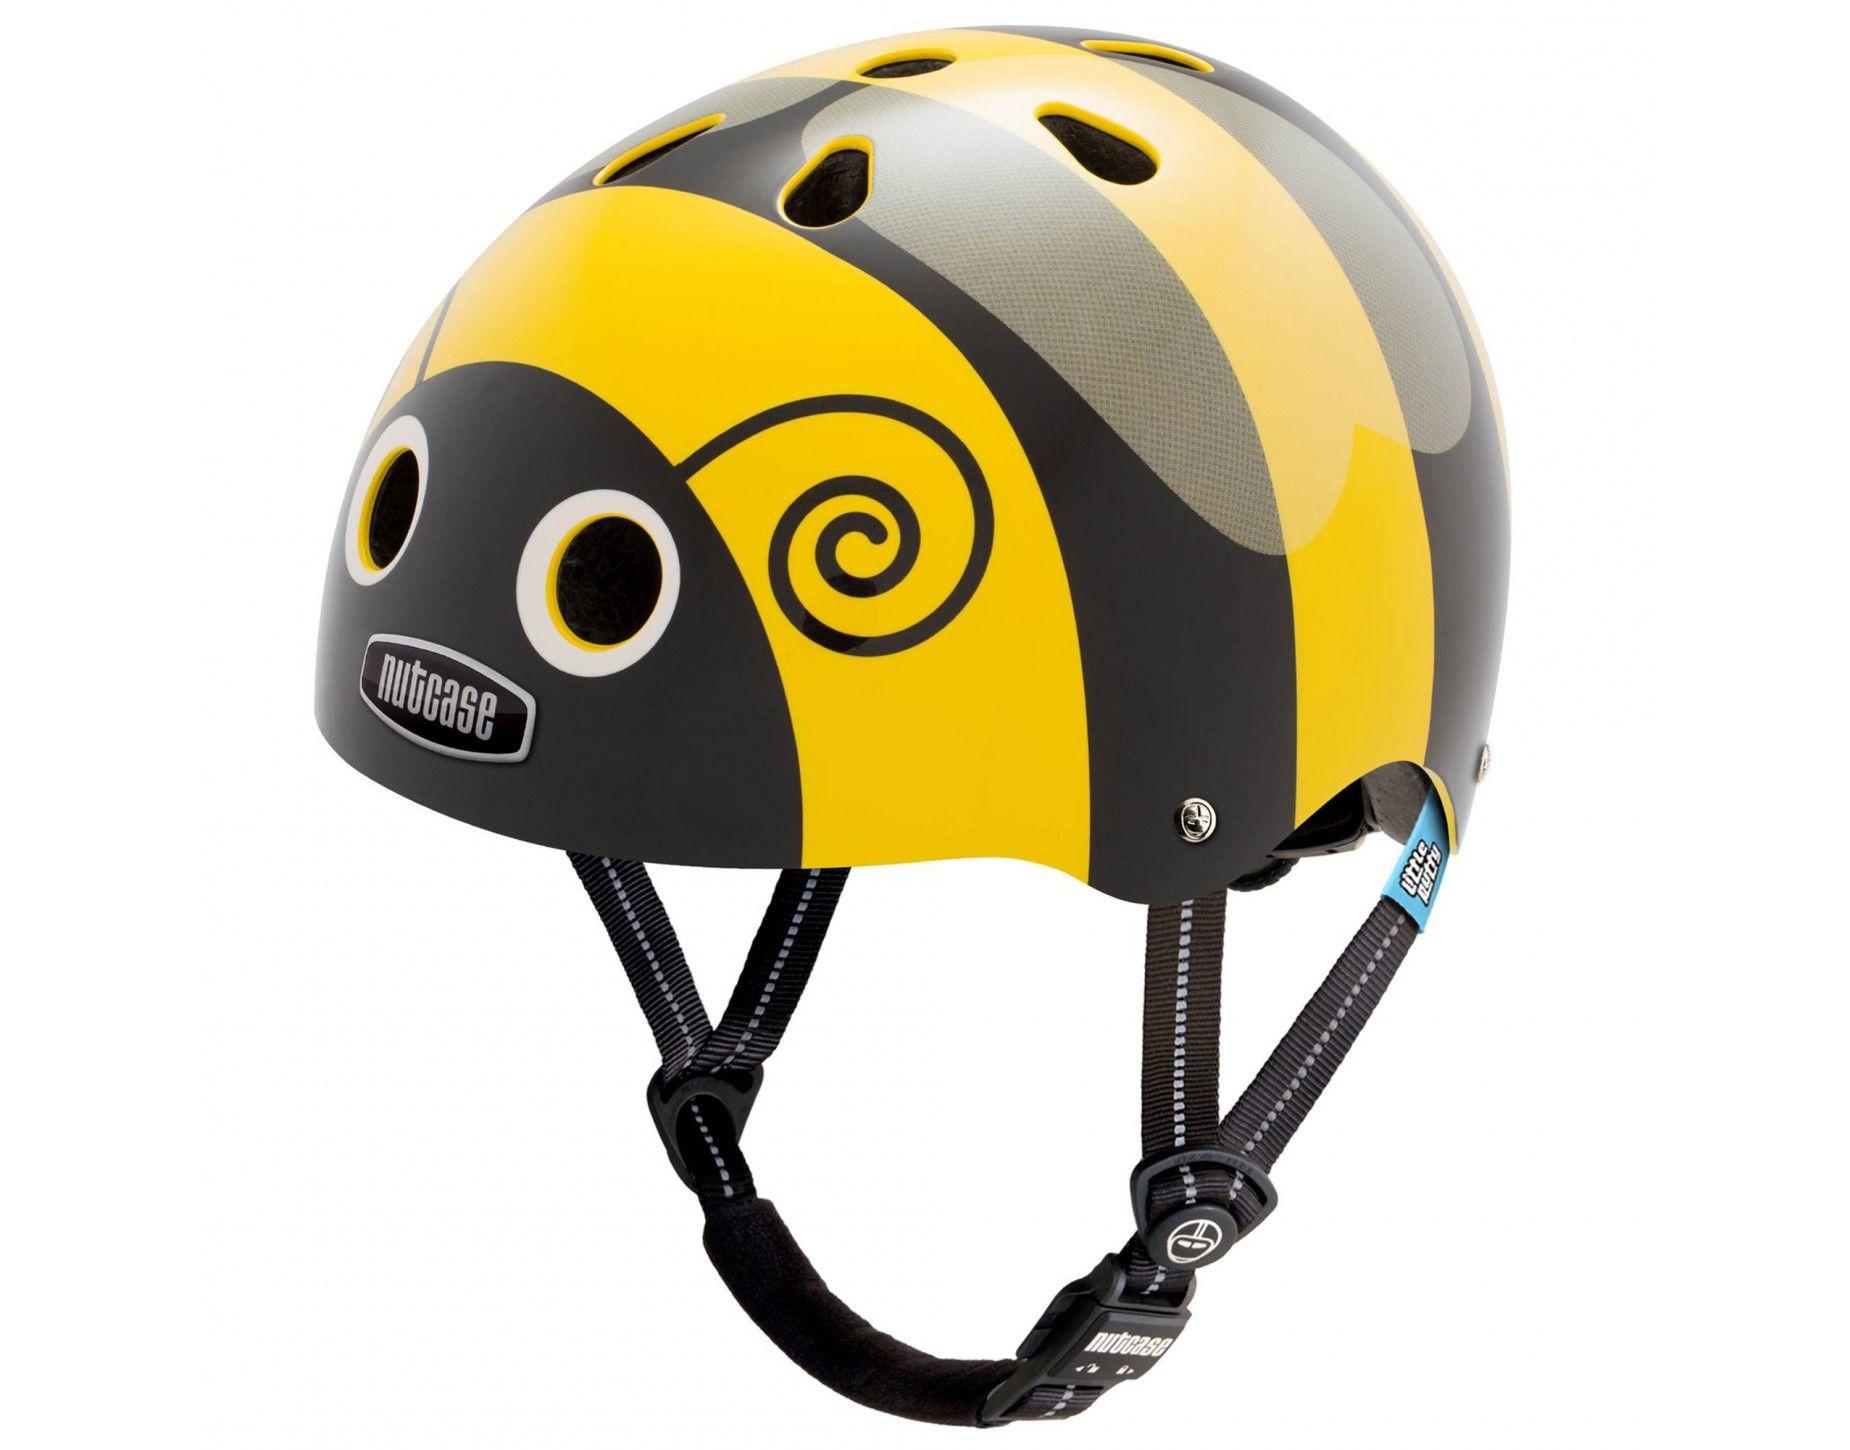 LITTLE NUTTY kids' helmet Bumble Bee Kids bike